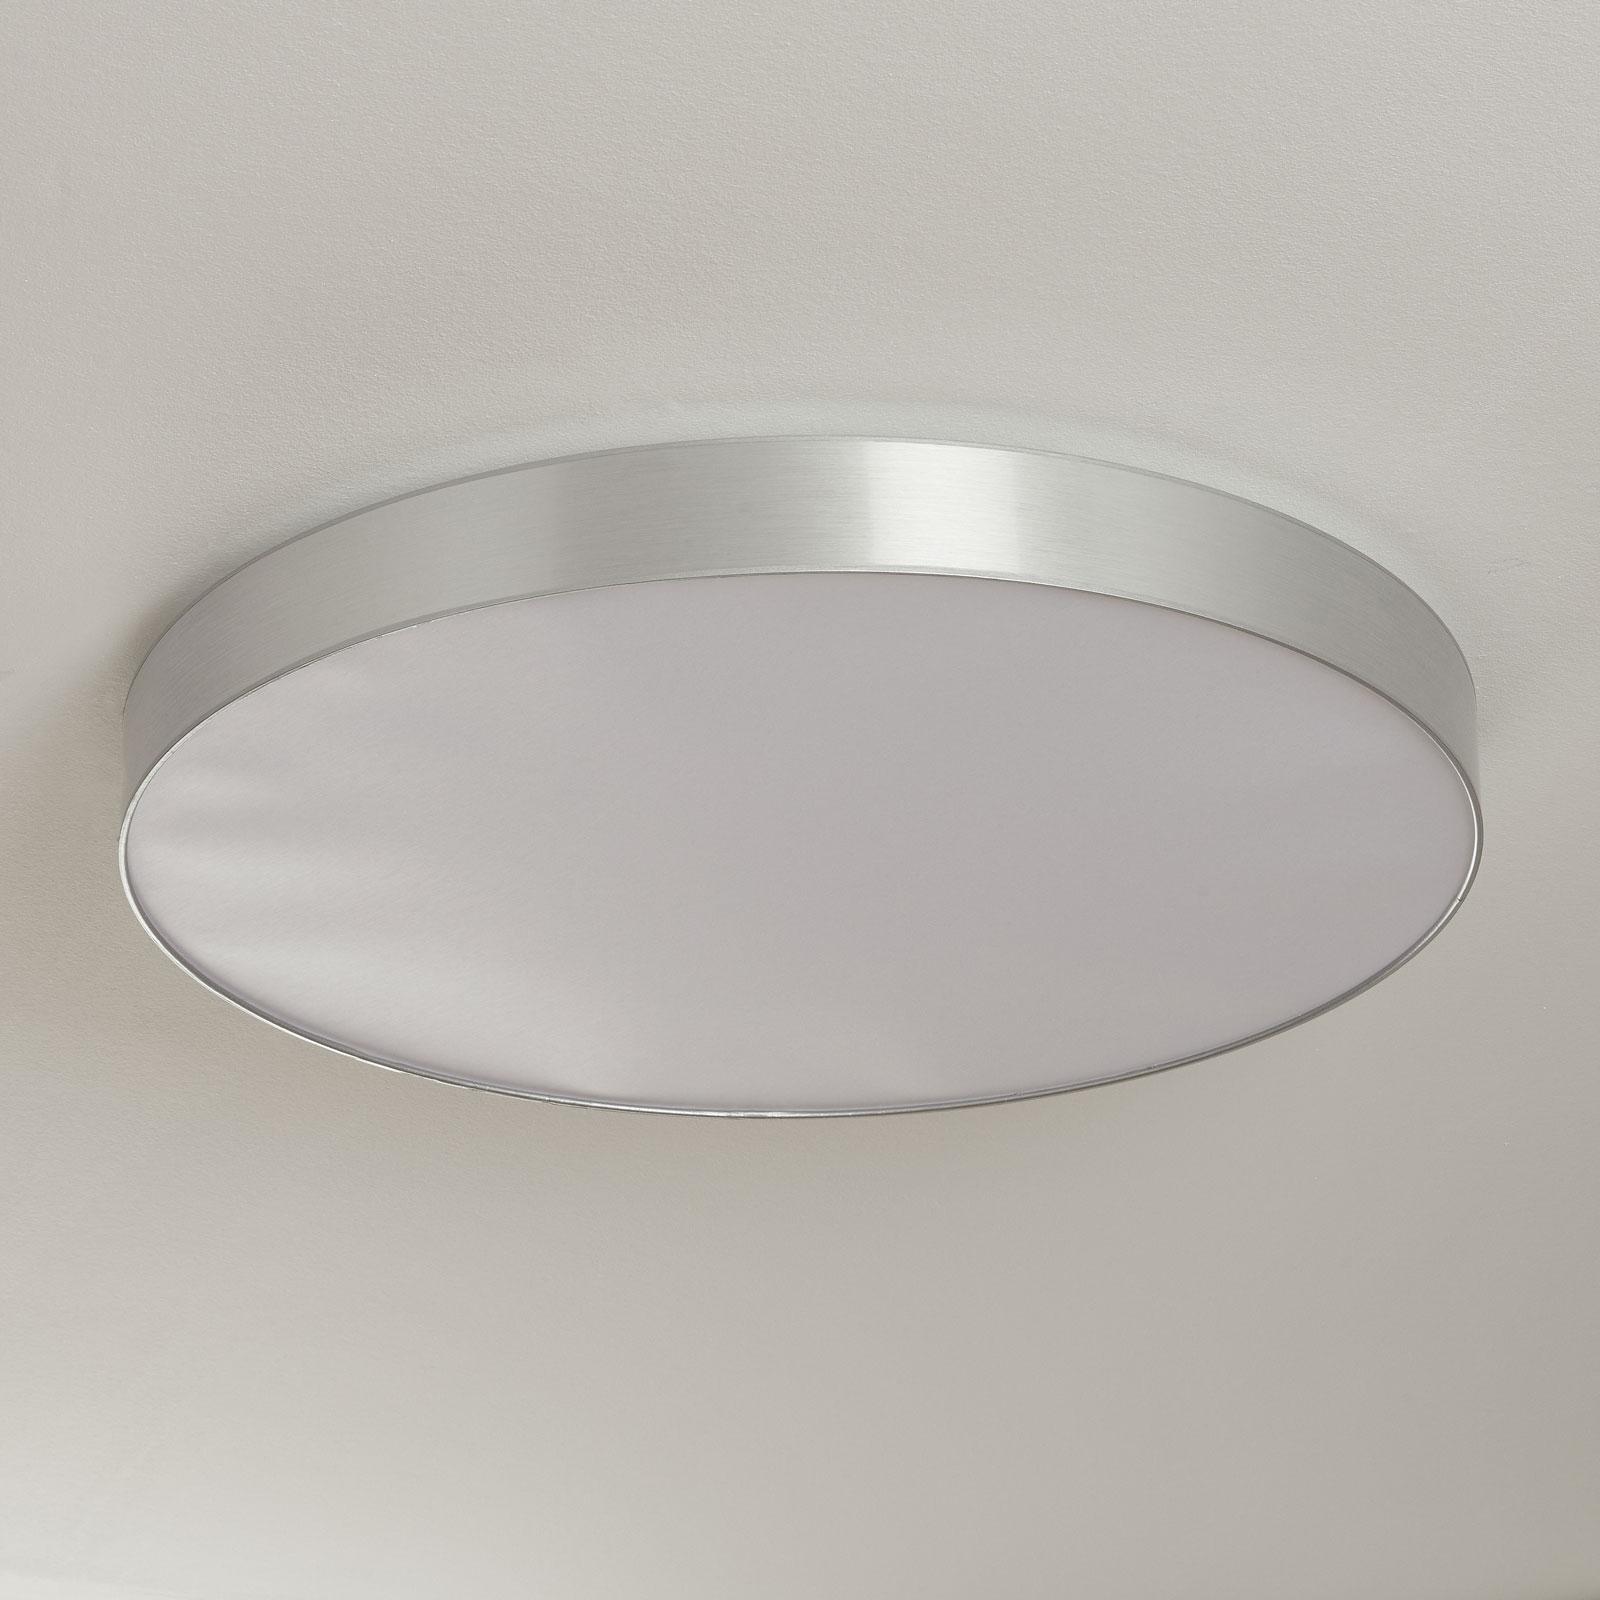 Plafonnier LED Aurelia rond variation d'intensité